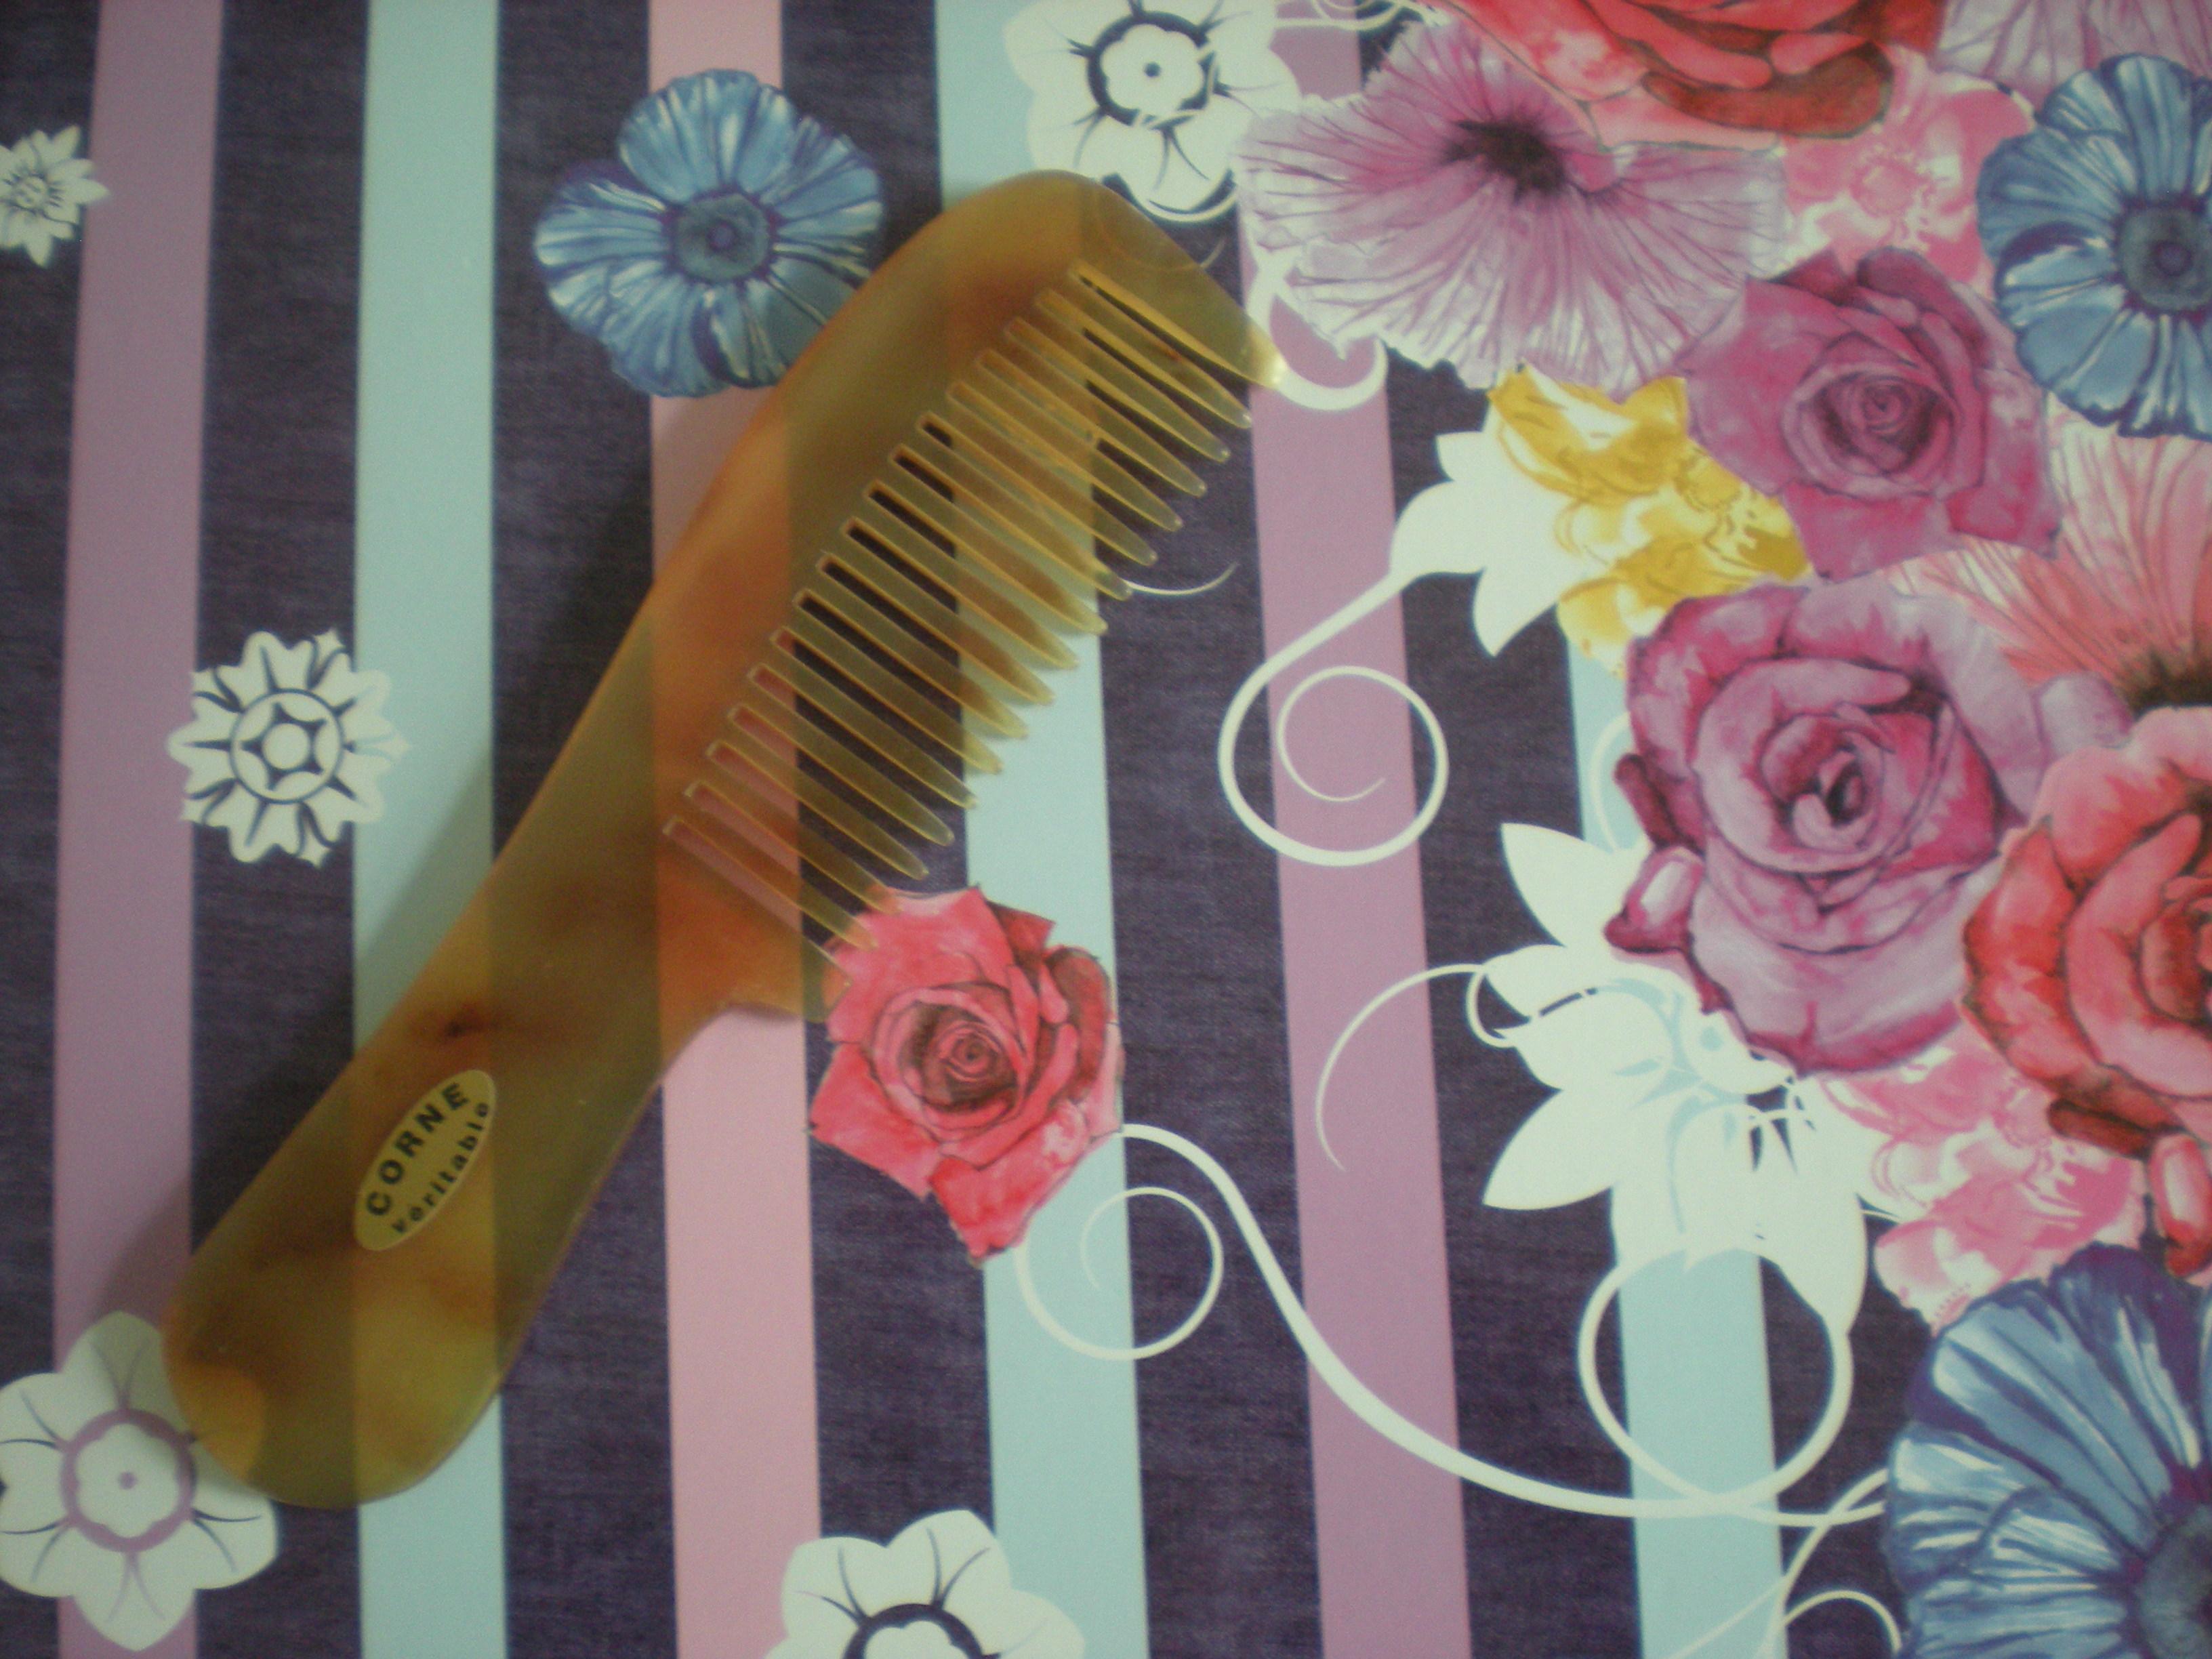 Oum Soumeyya © peigne Démêloir Afro Manche Bélier Le grand peigne en corne démêloir manche Afro est spécialement conçu pour les cheveux très longs, frisés ou et crépus, ce peigne est particulièrement efficace pour démêler sans arracher les cheveux.